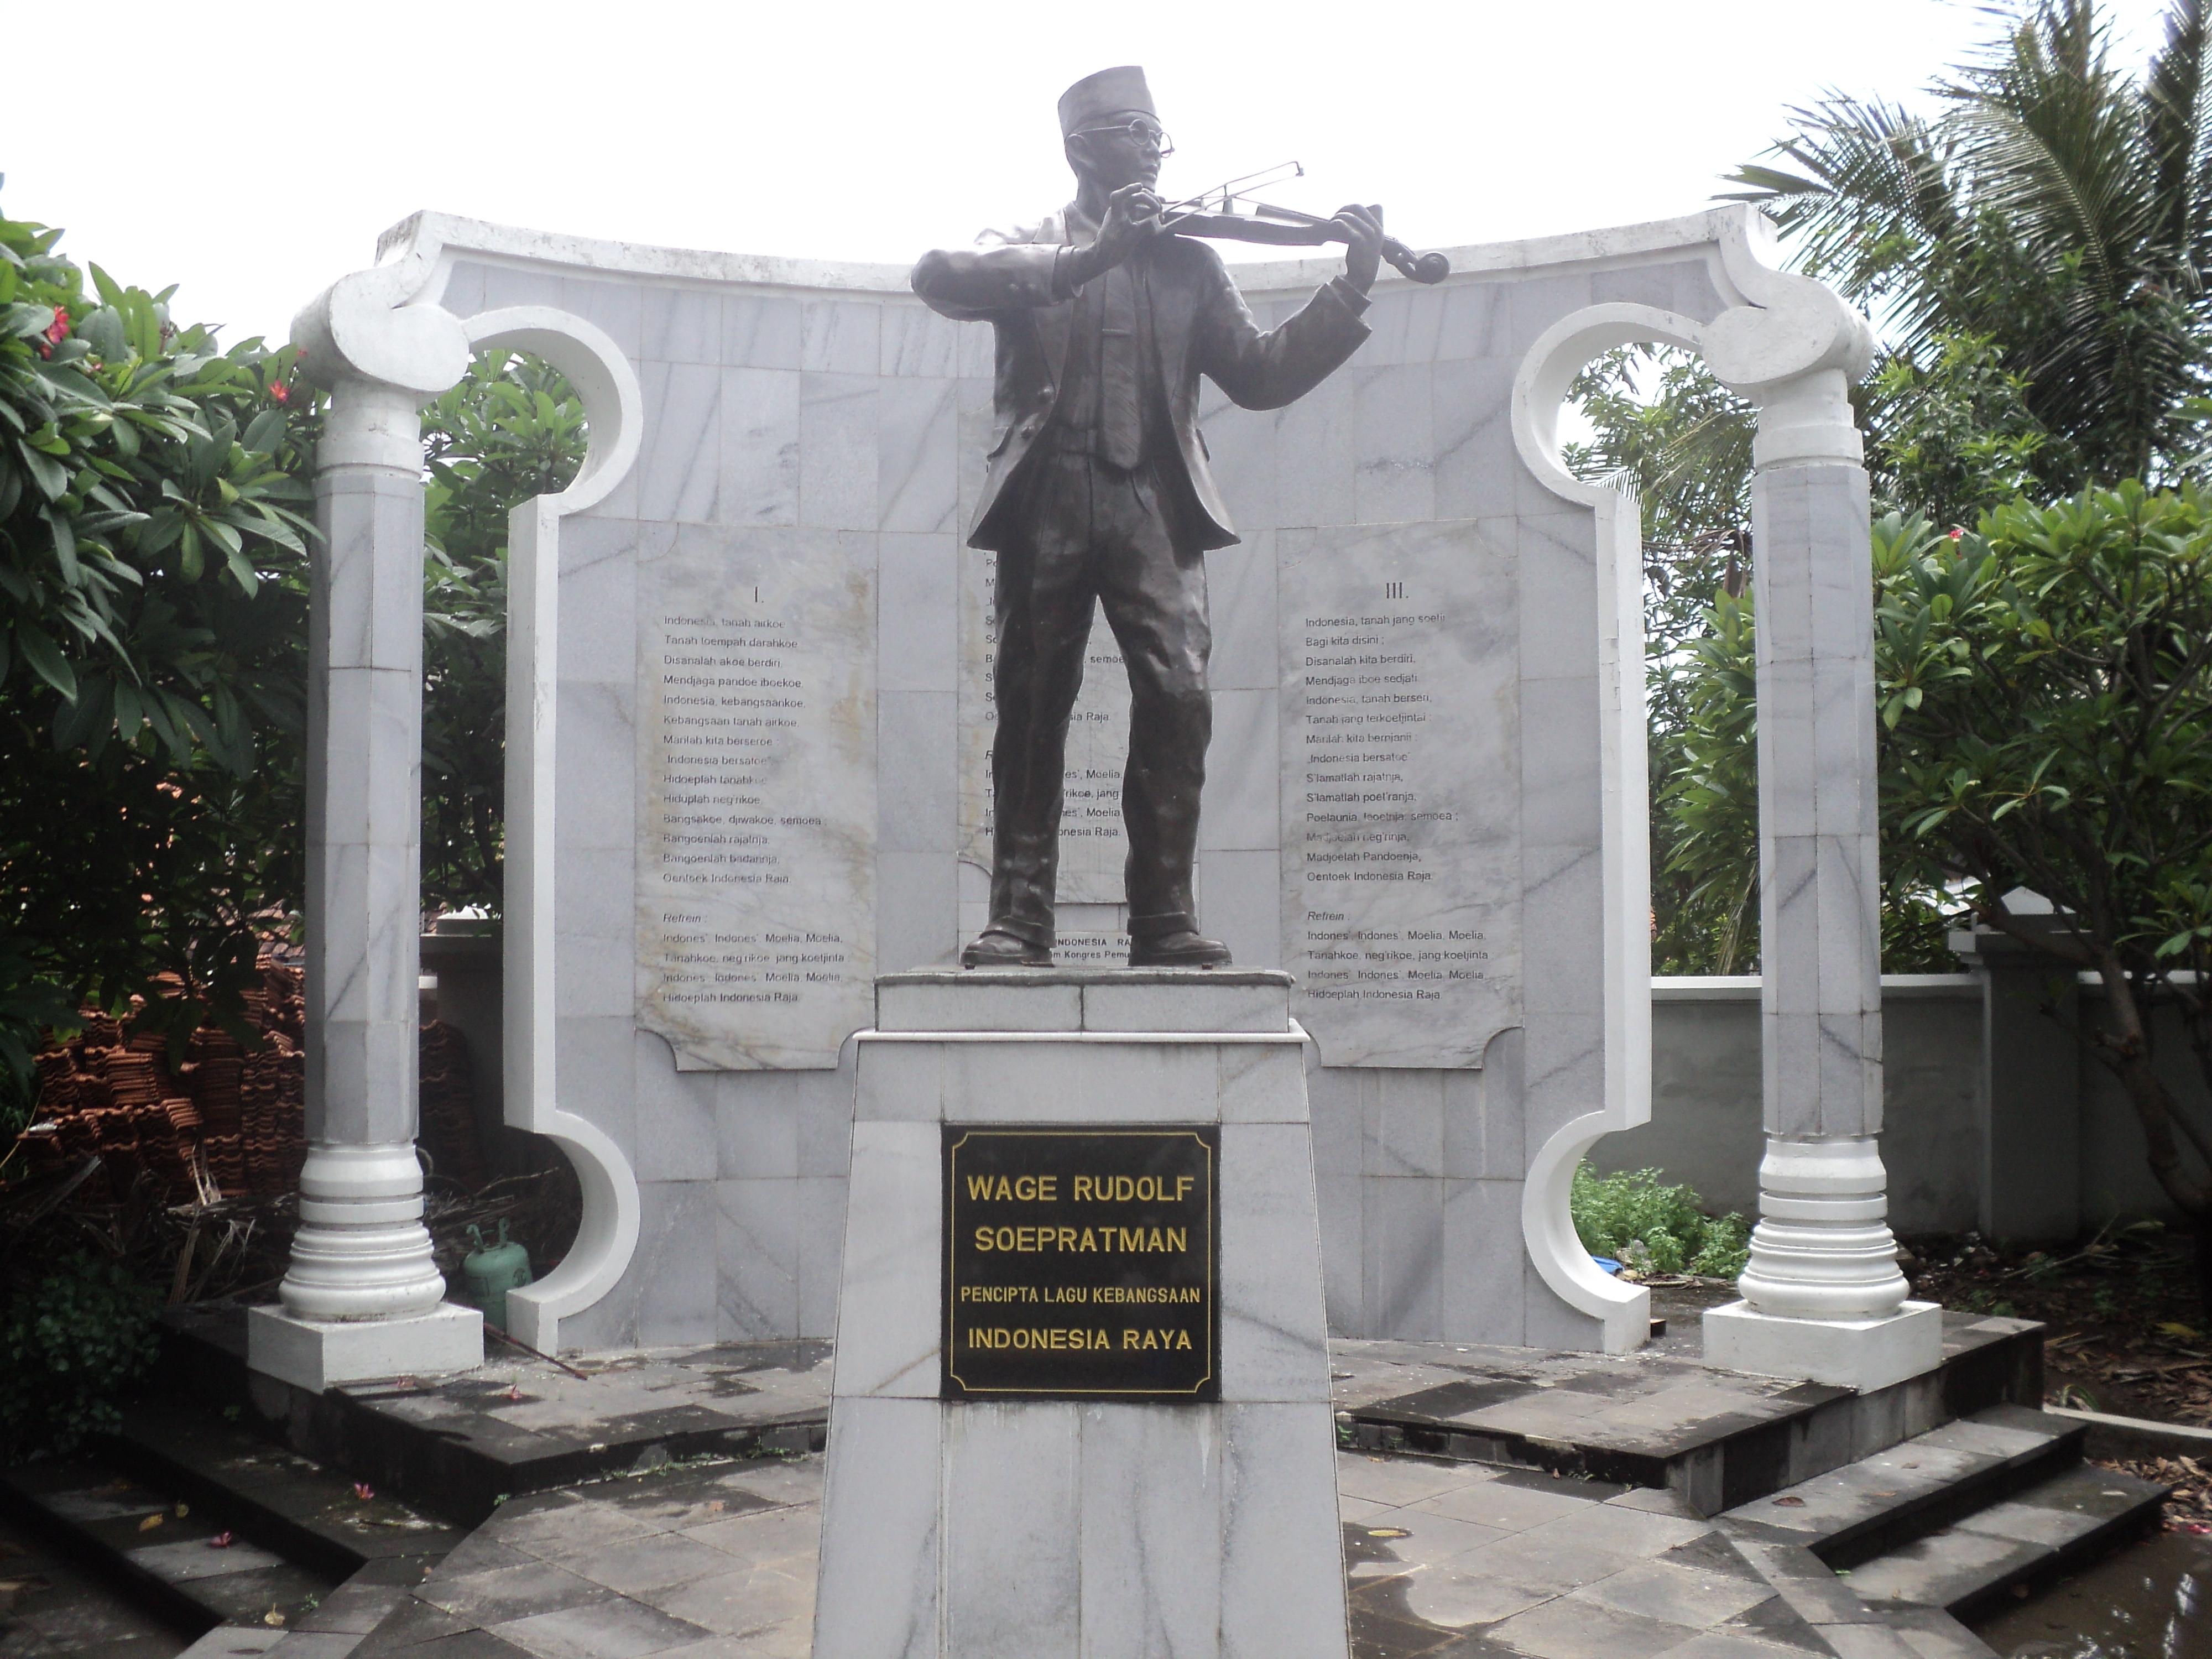 Monumen Wr Supratman Surabaya Wisata Museum Soepratman Kota